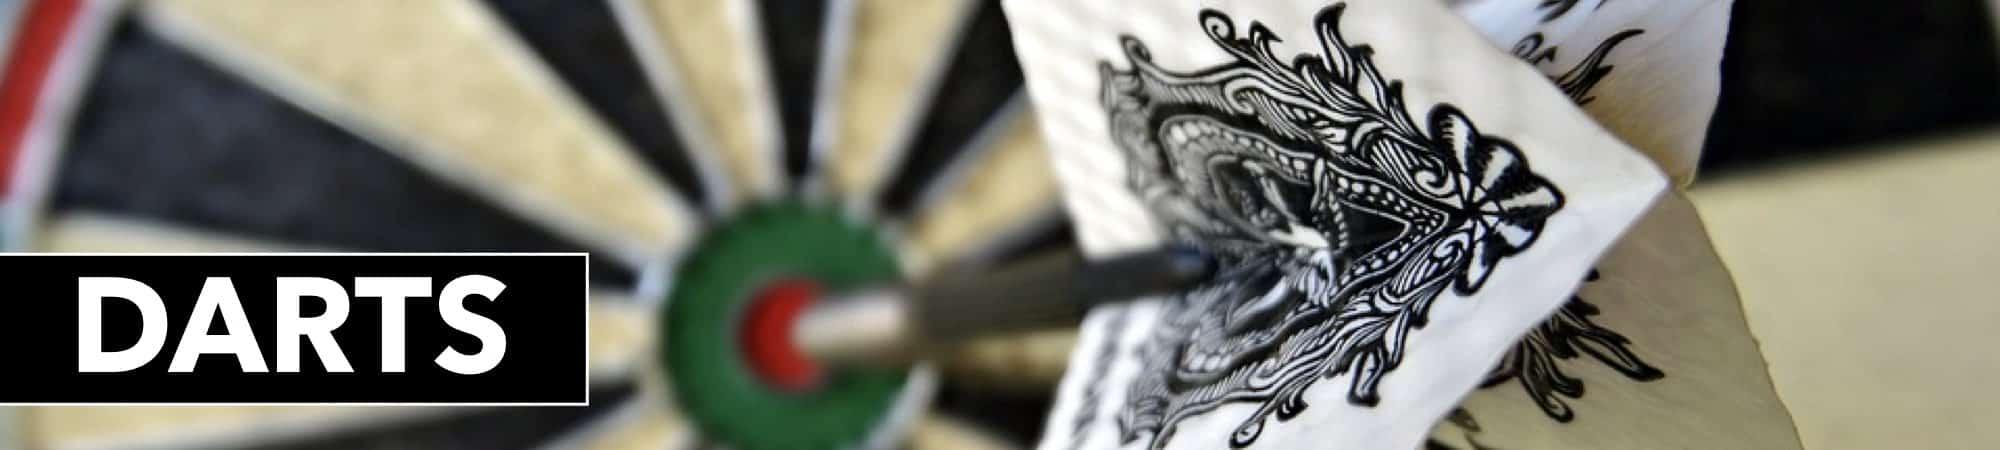 dartpfeile softdarts steeldarts im online dartshop. Black Bedroom Furniture Sets. Home Design Ideas